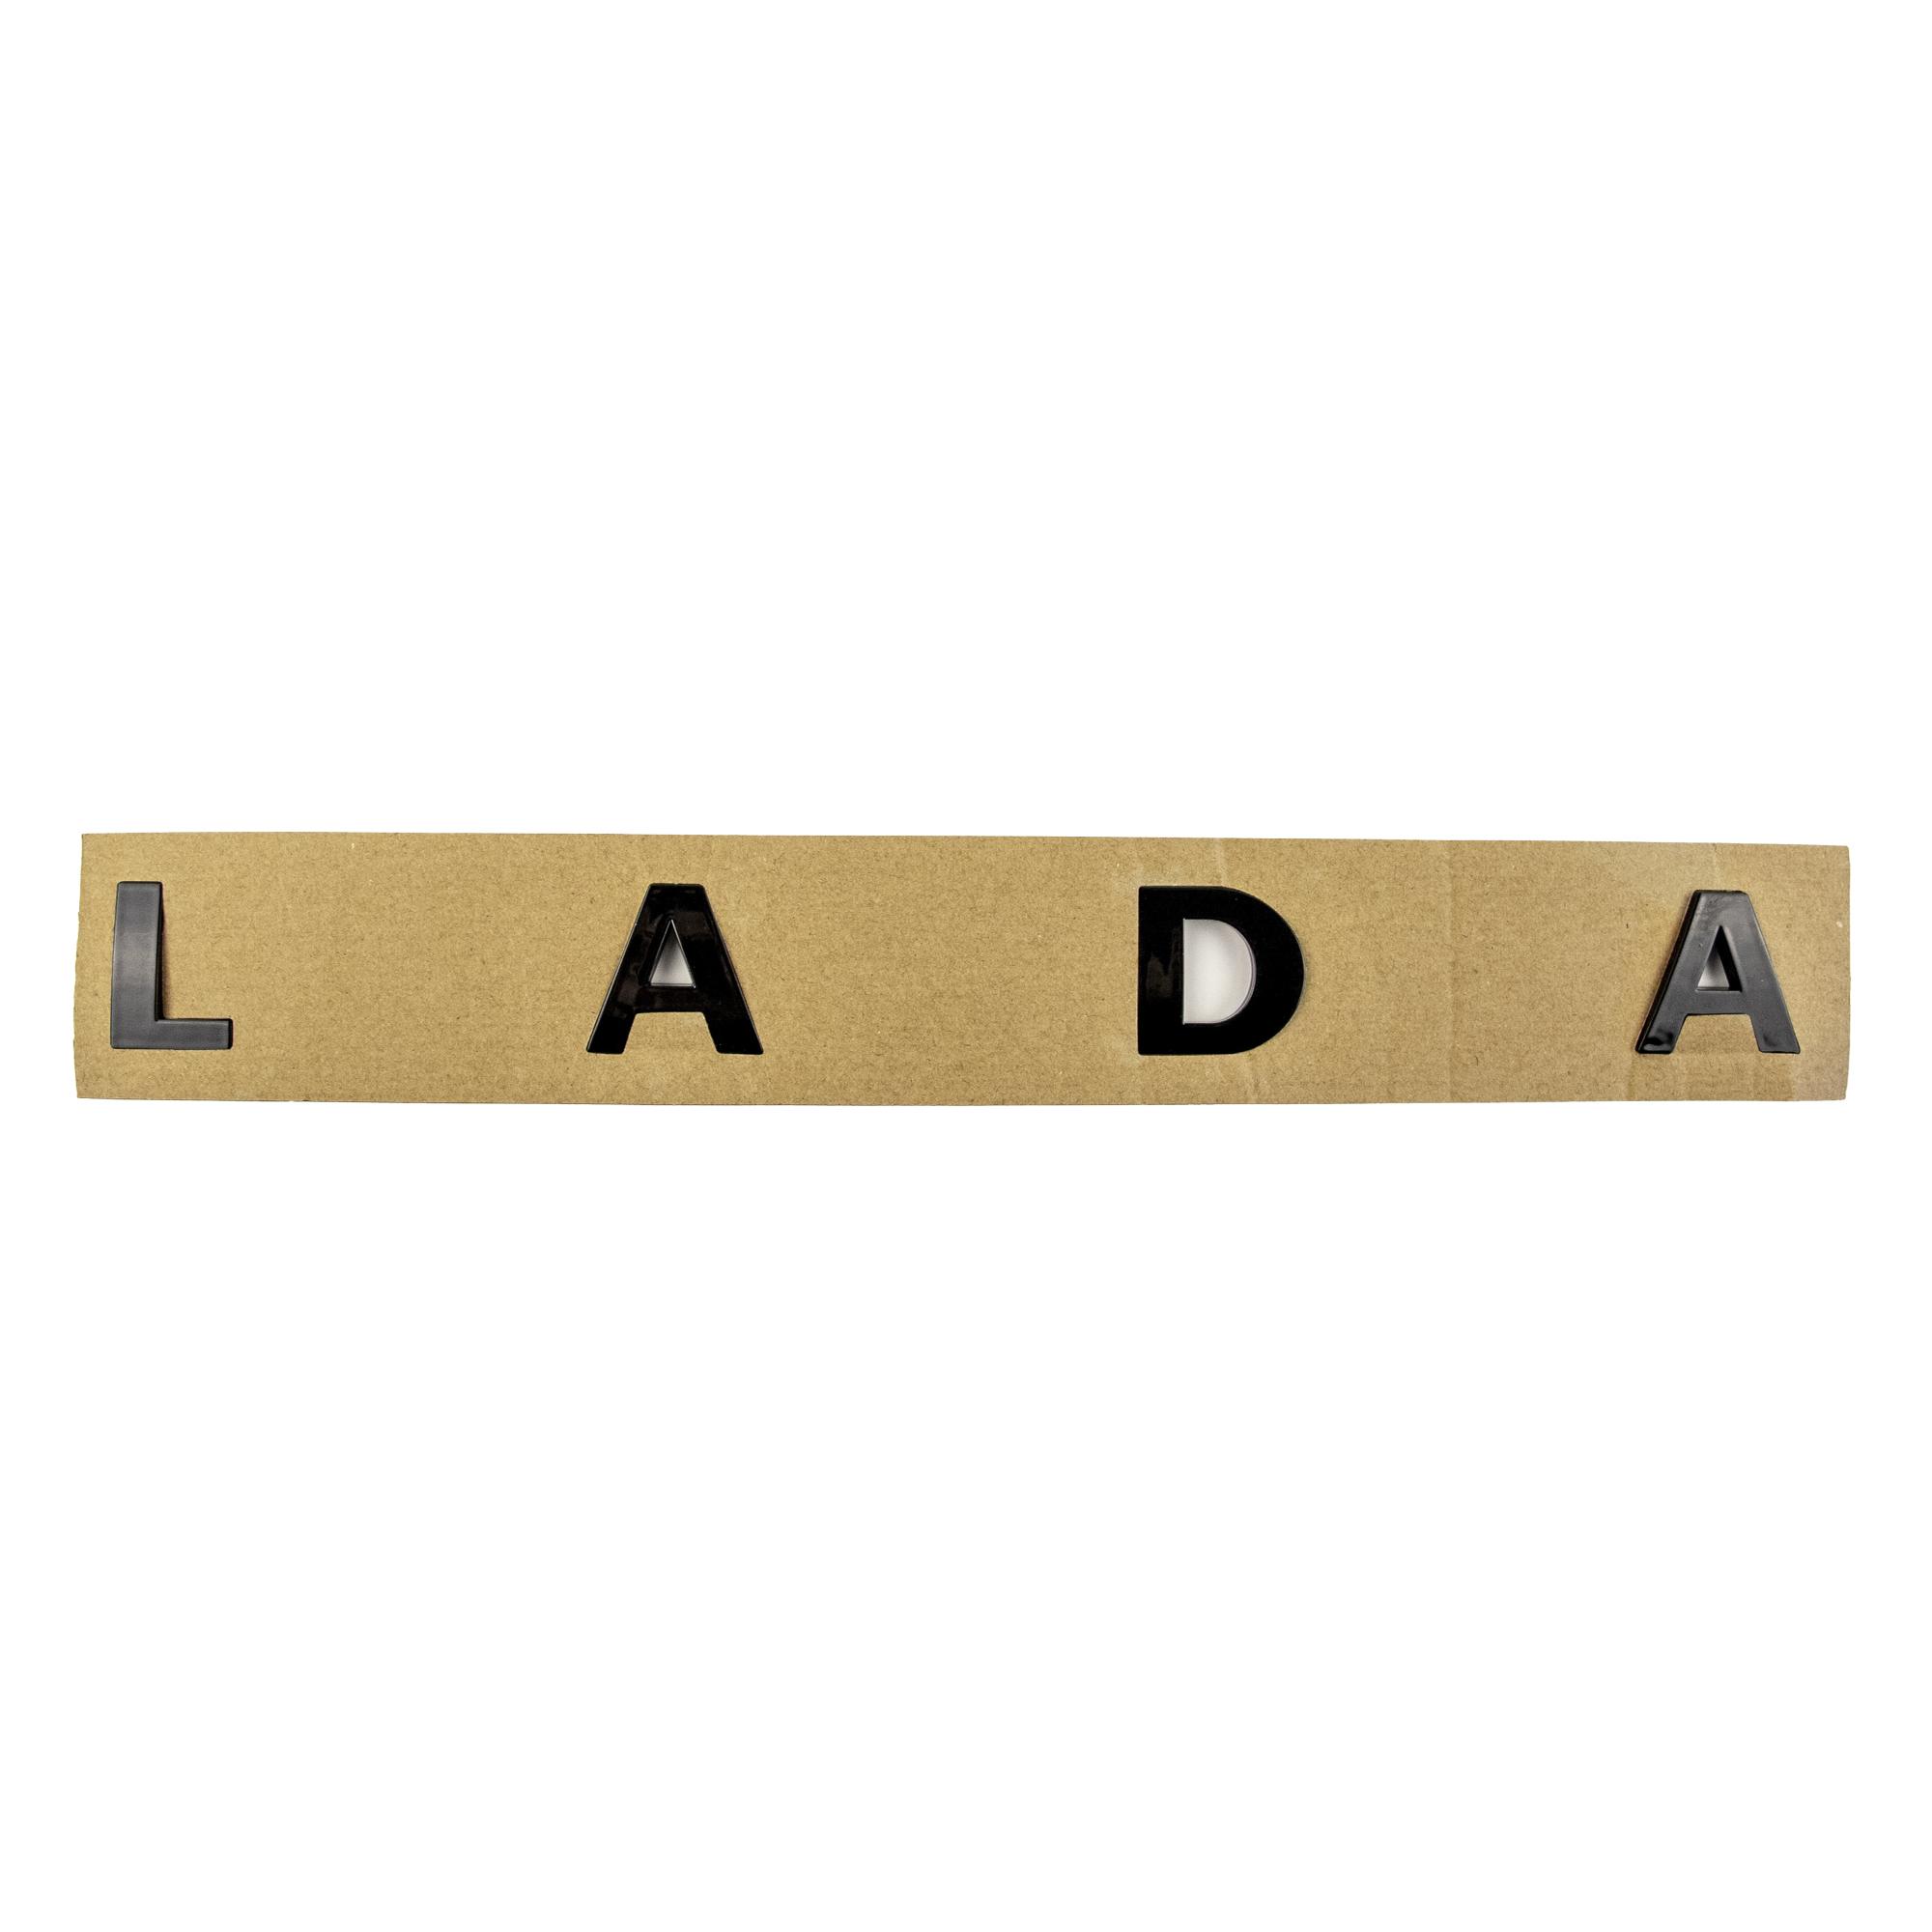 Эмблема решетки радиатора LADA (нового образца) – черный глянец